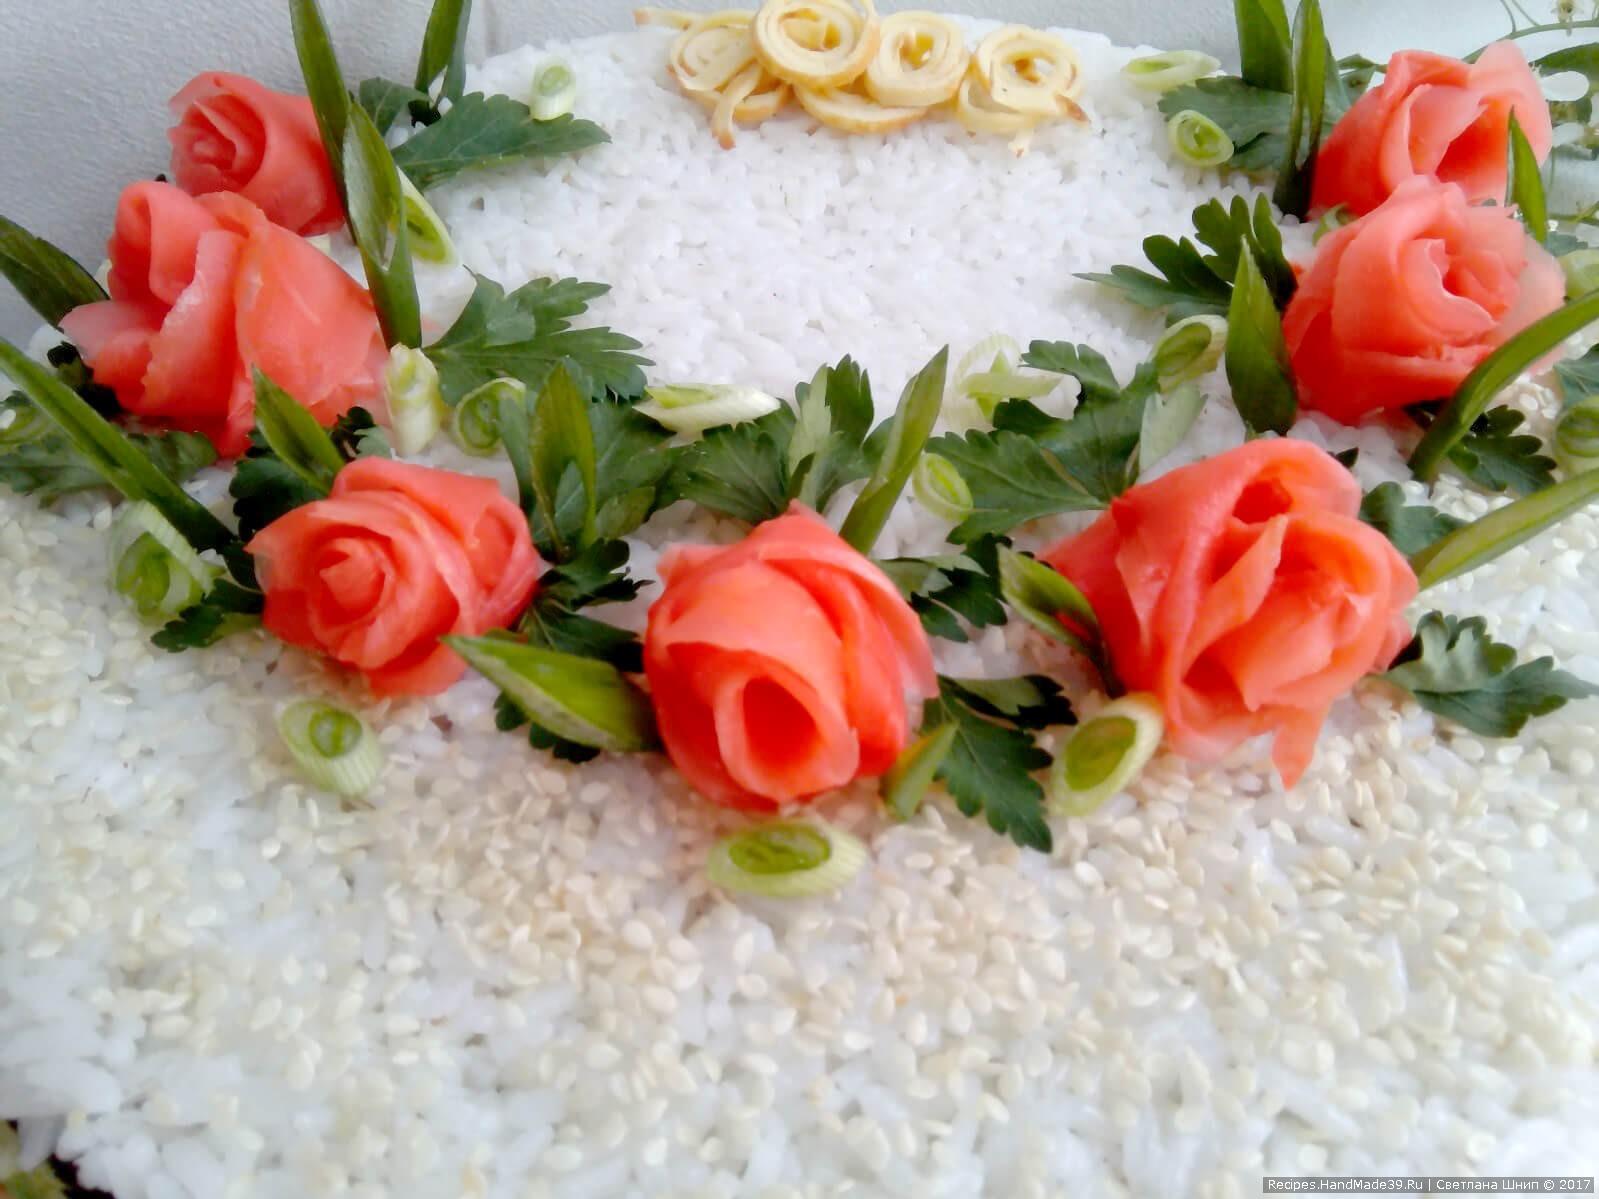 Сделать розочки из маринованного имбиря, использовать зелень